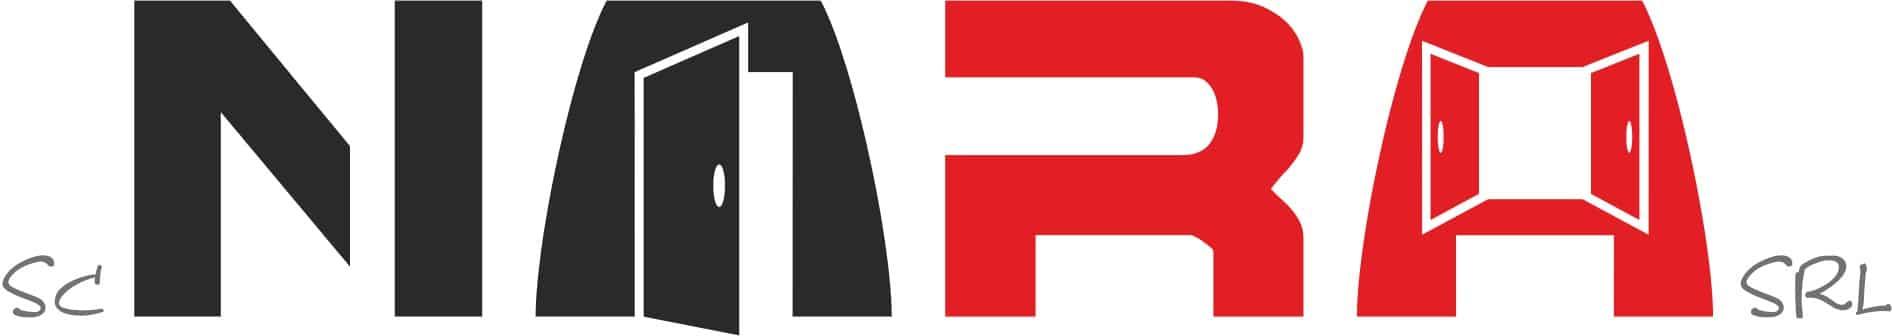 Nara-logo